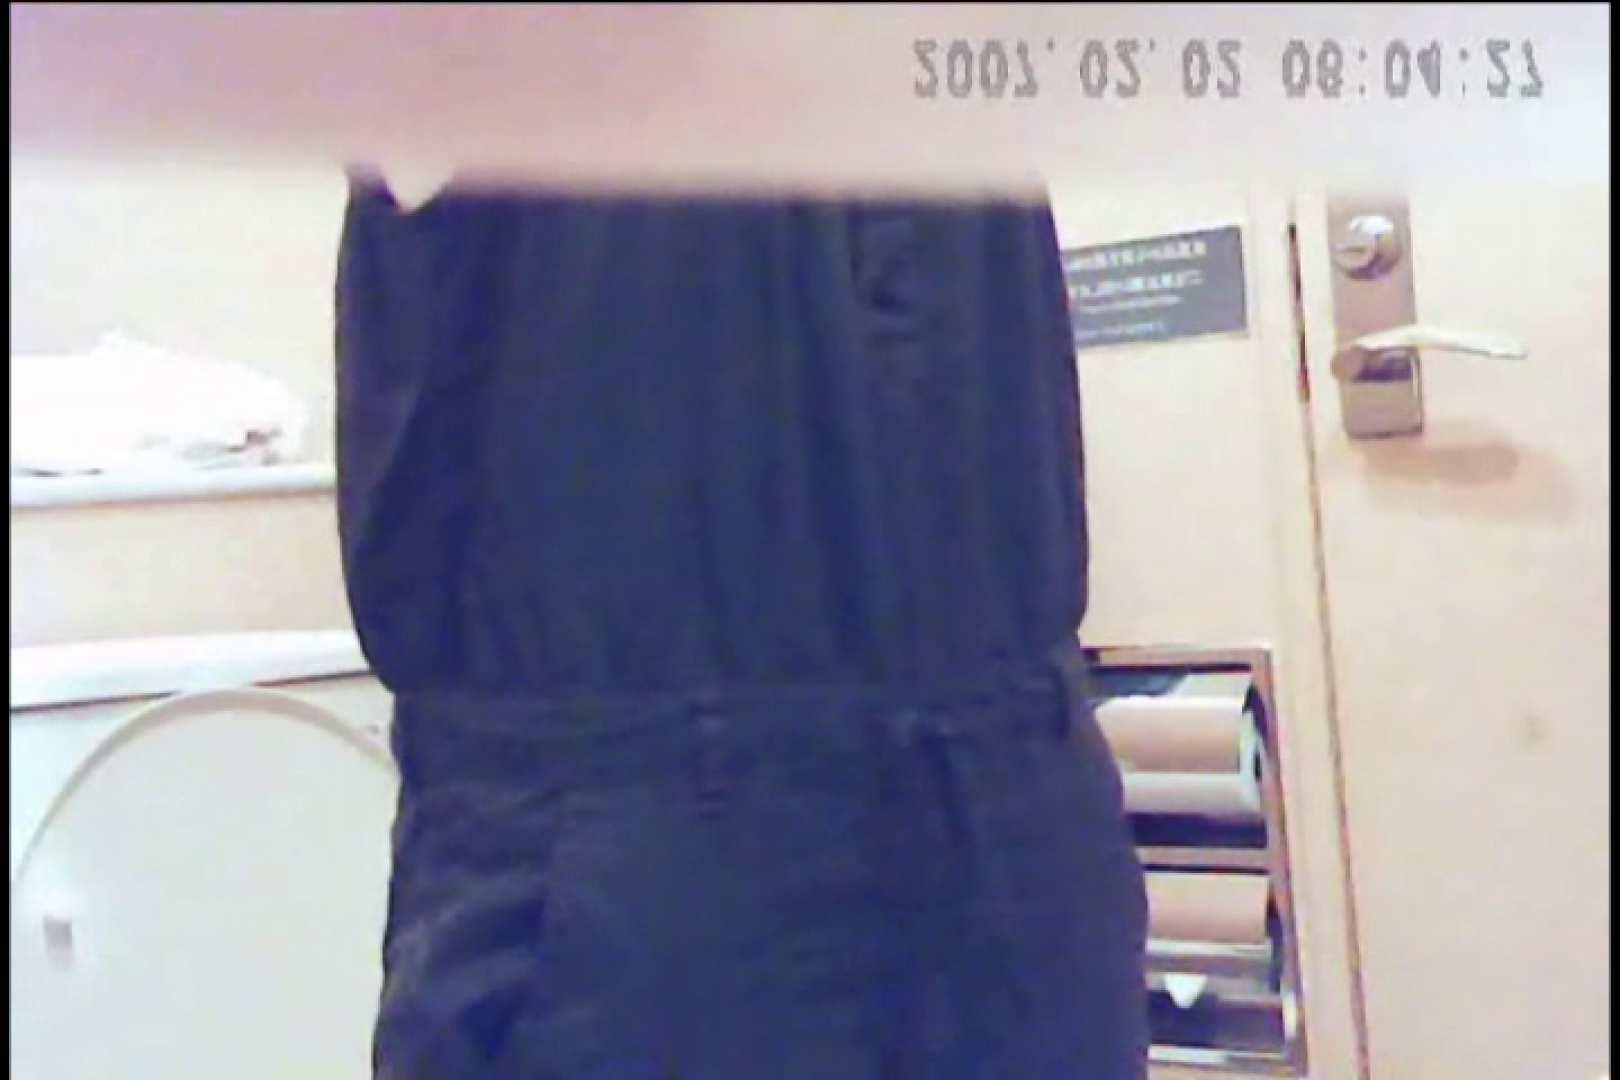 画質向上!新亀さん厠 vol.56 厠・・・ AV無料動画キャプチャ 98PIX 79